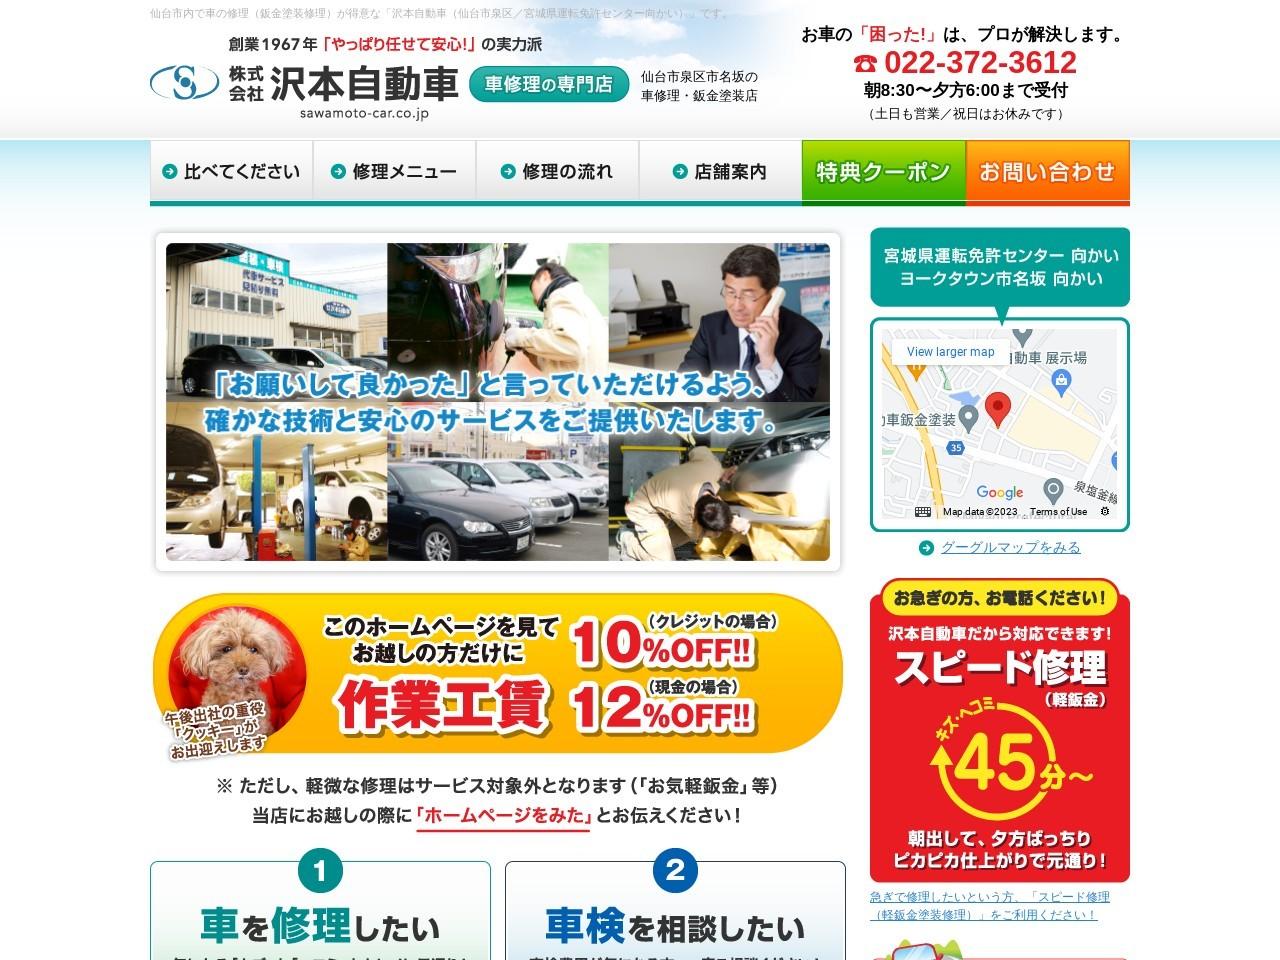 株式会社沢本自動車